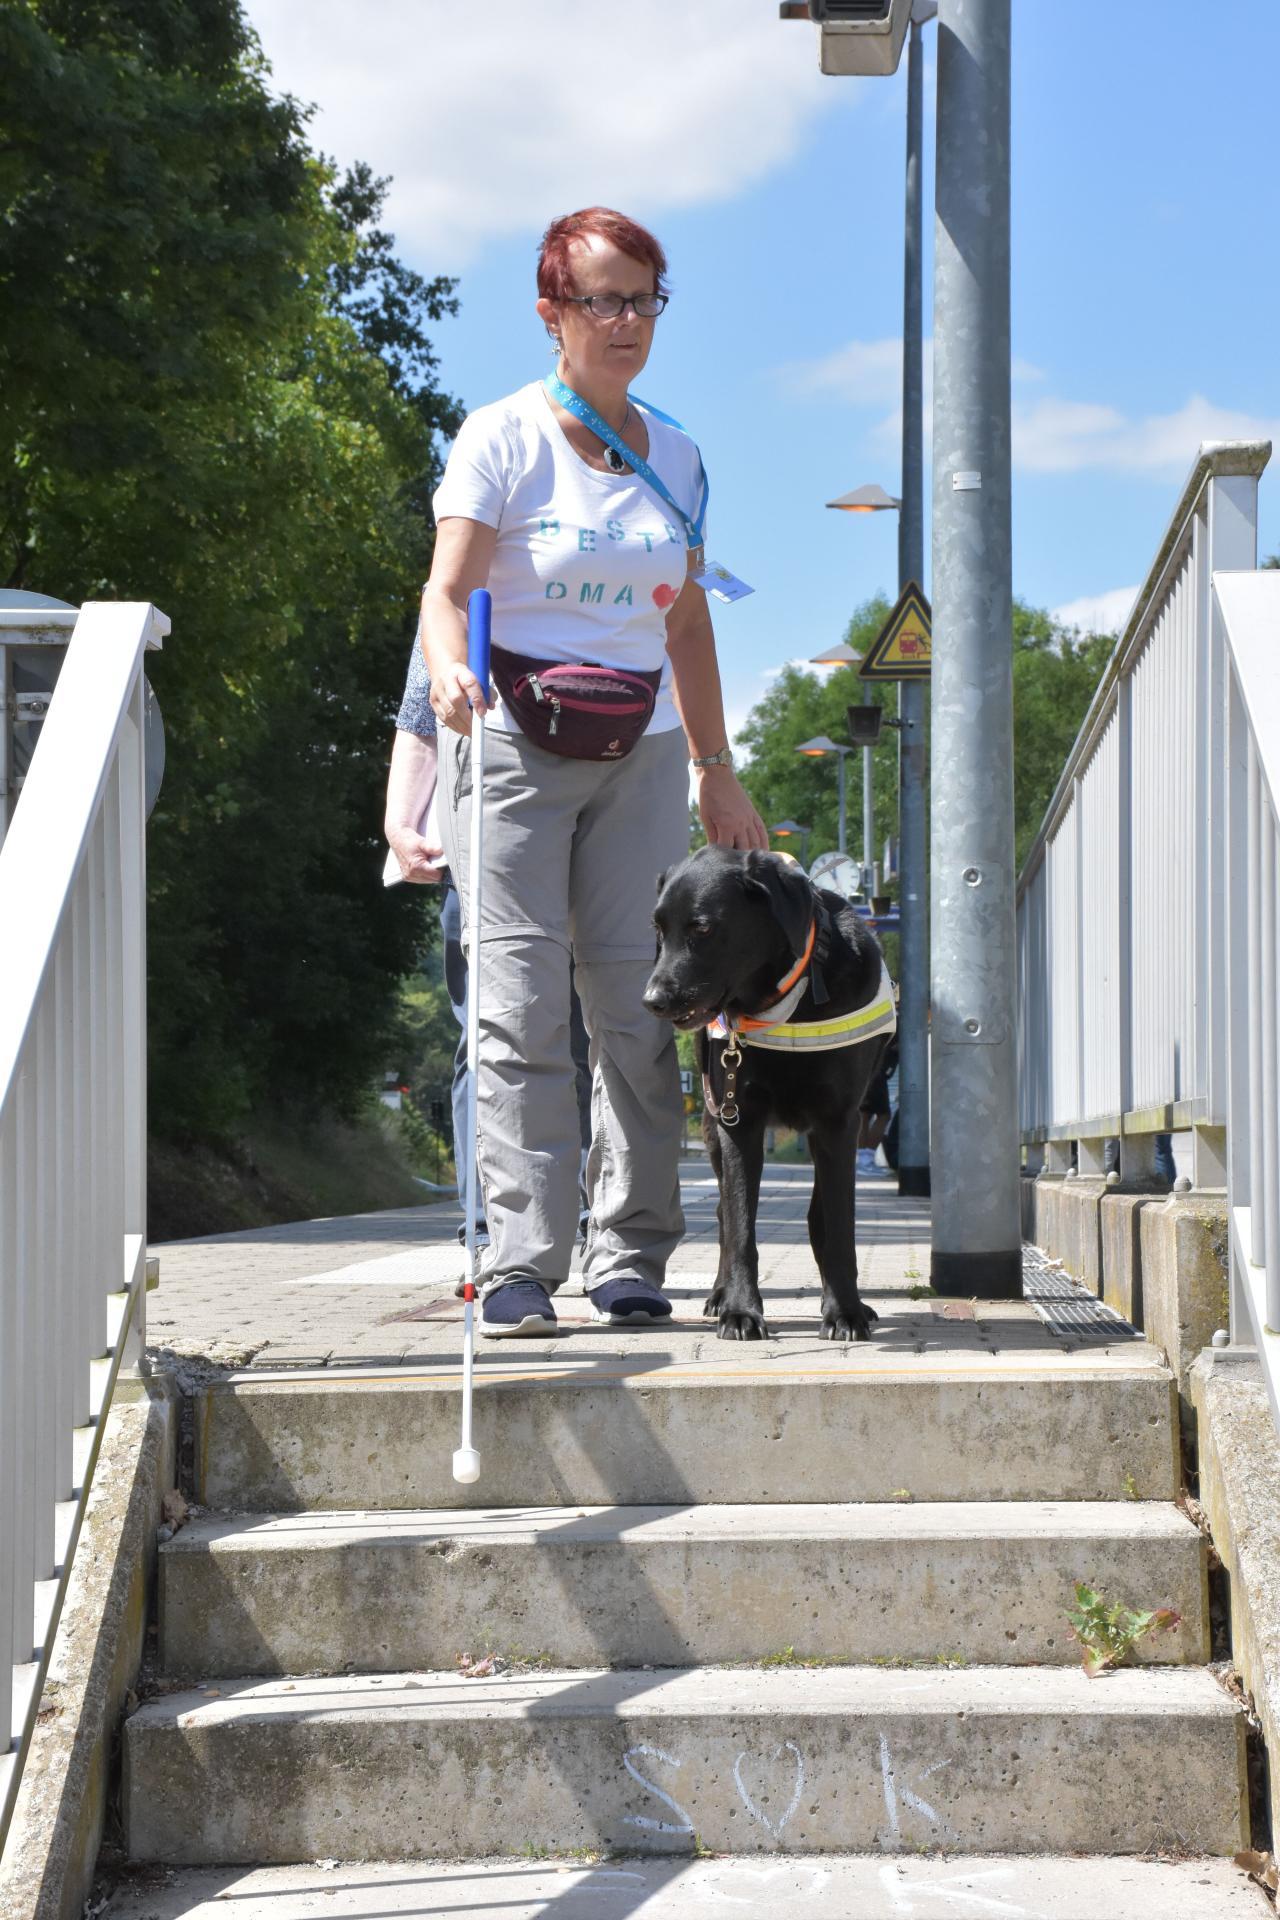 Gudrun mit dem schwarzen Labrador Niko beim Treppen gehen